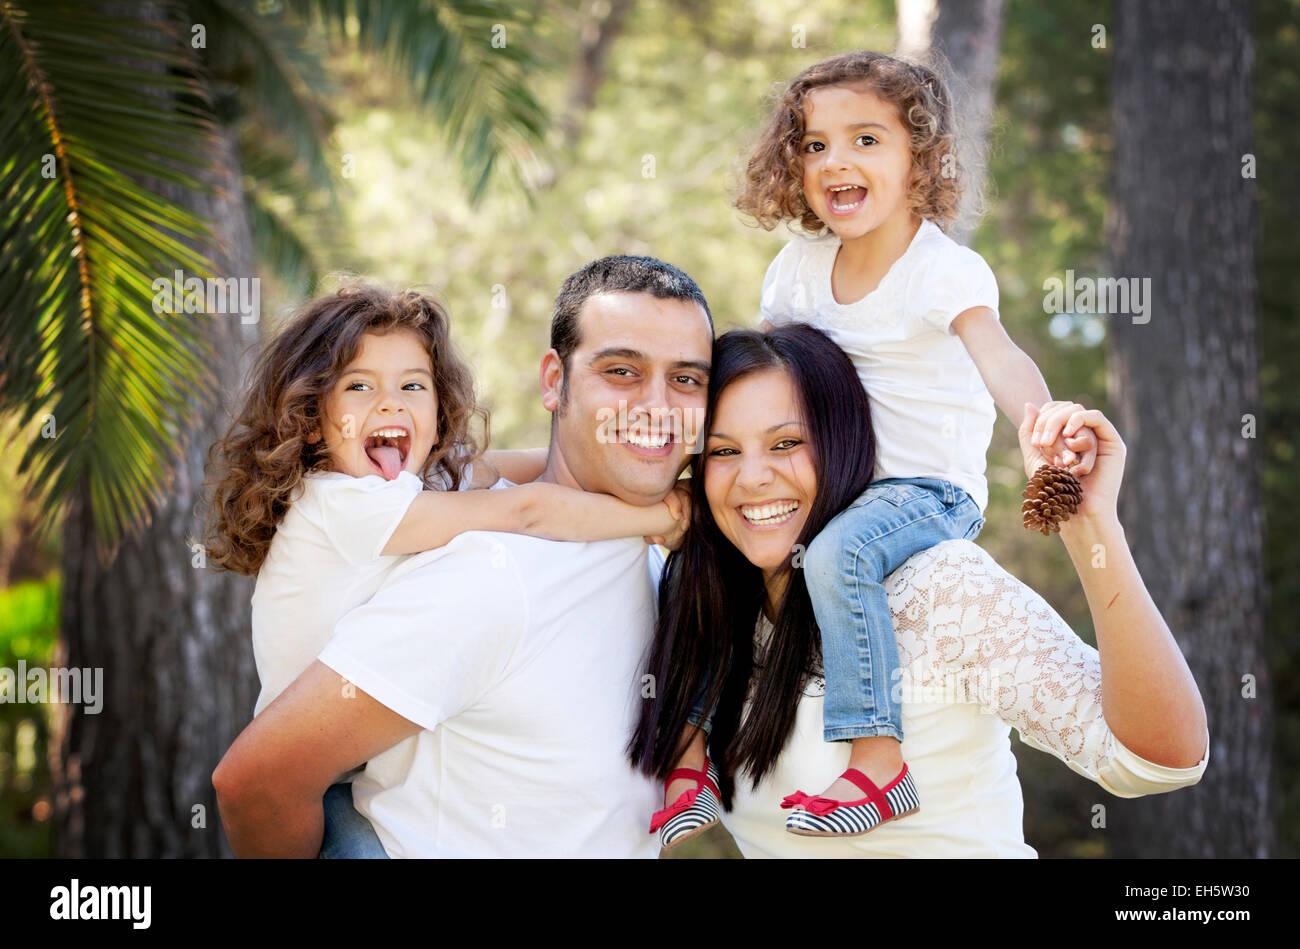 Los padres y los hijos, sonriendo feliz familia hispana Imagen De Stock